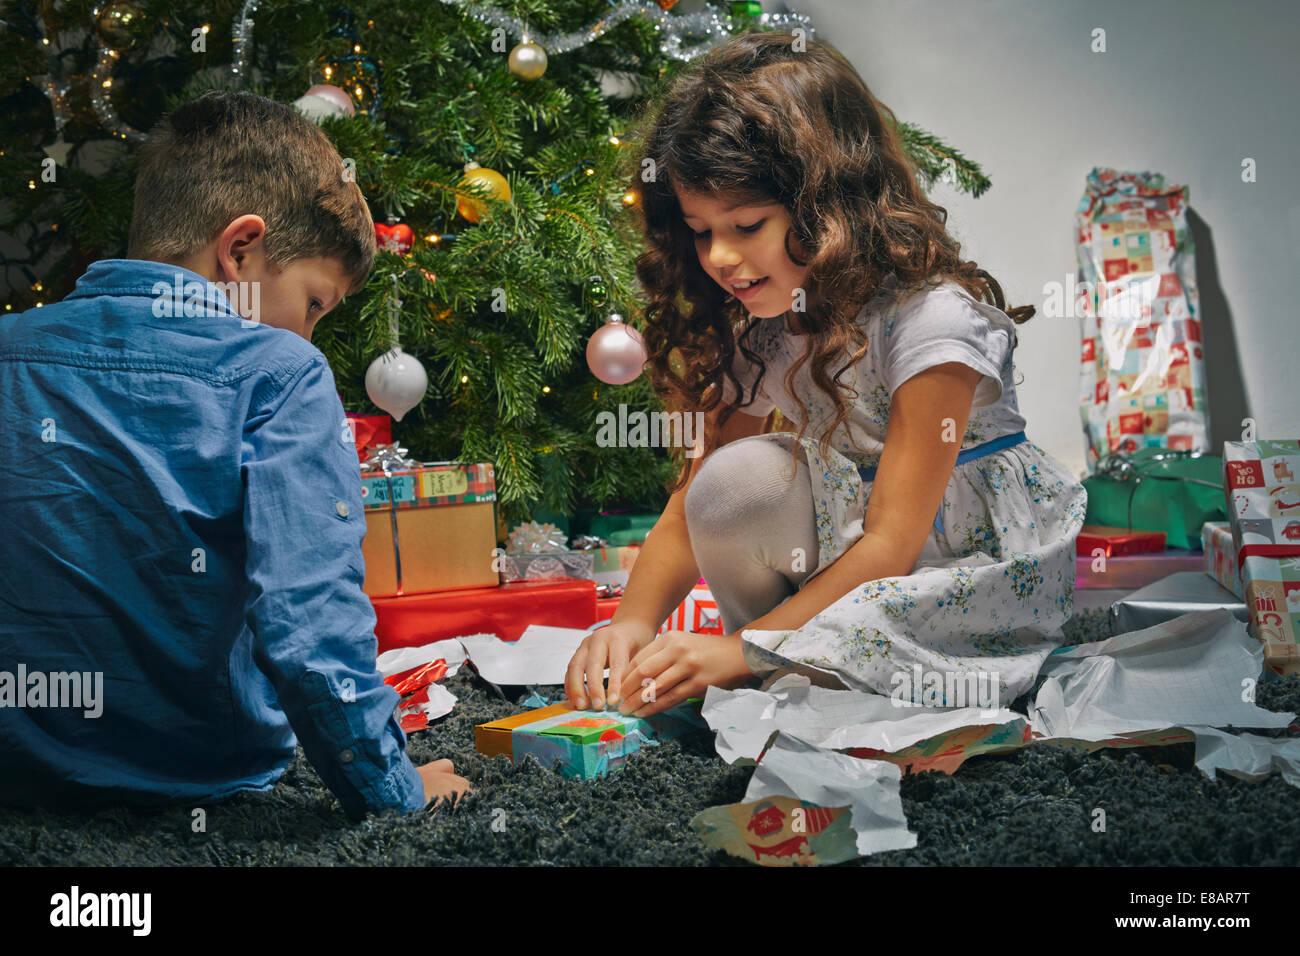 Regali Di Natale Fratello.Sorella E Fratello Nel Salotto Di Unwrapping Regali Di Natale Foto